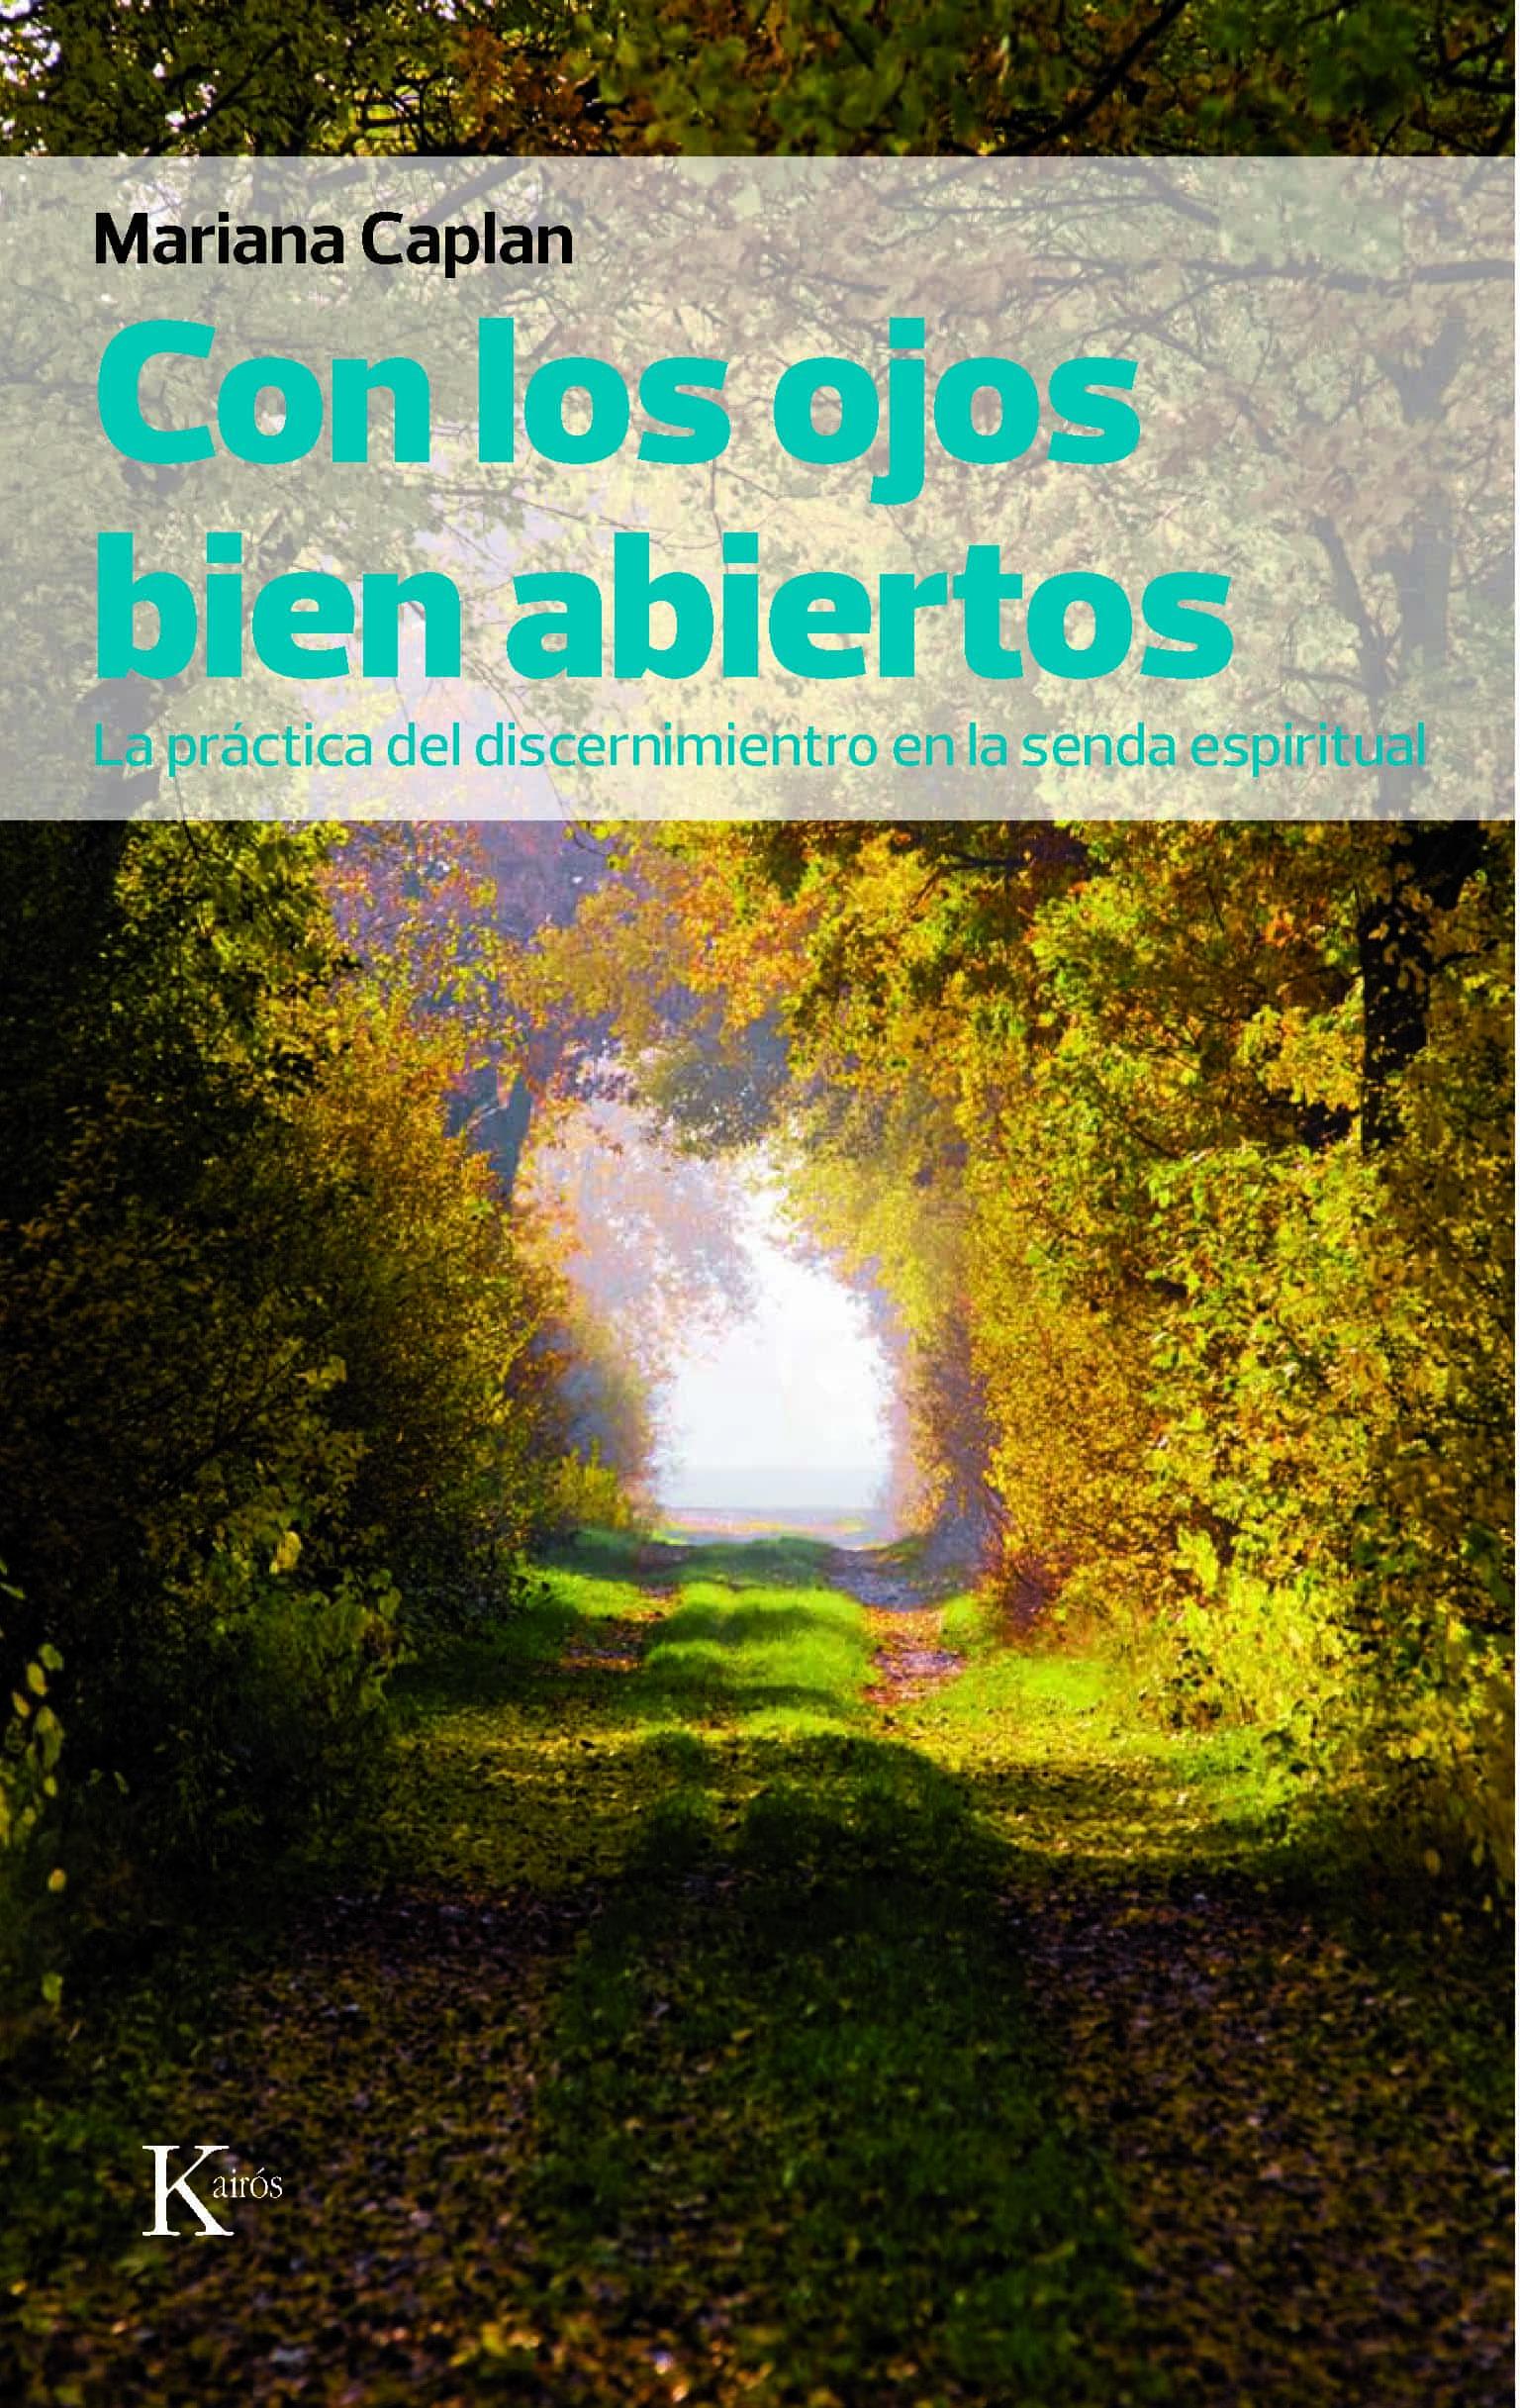 con los ojos bien abiertos: la practica del discernimiento en la senda espiritual-mariana caplan-9788472457607